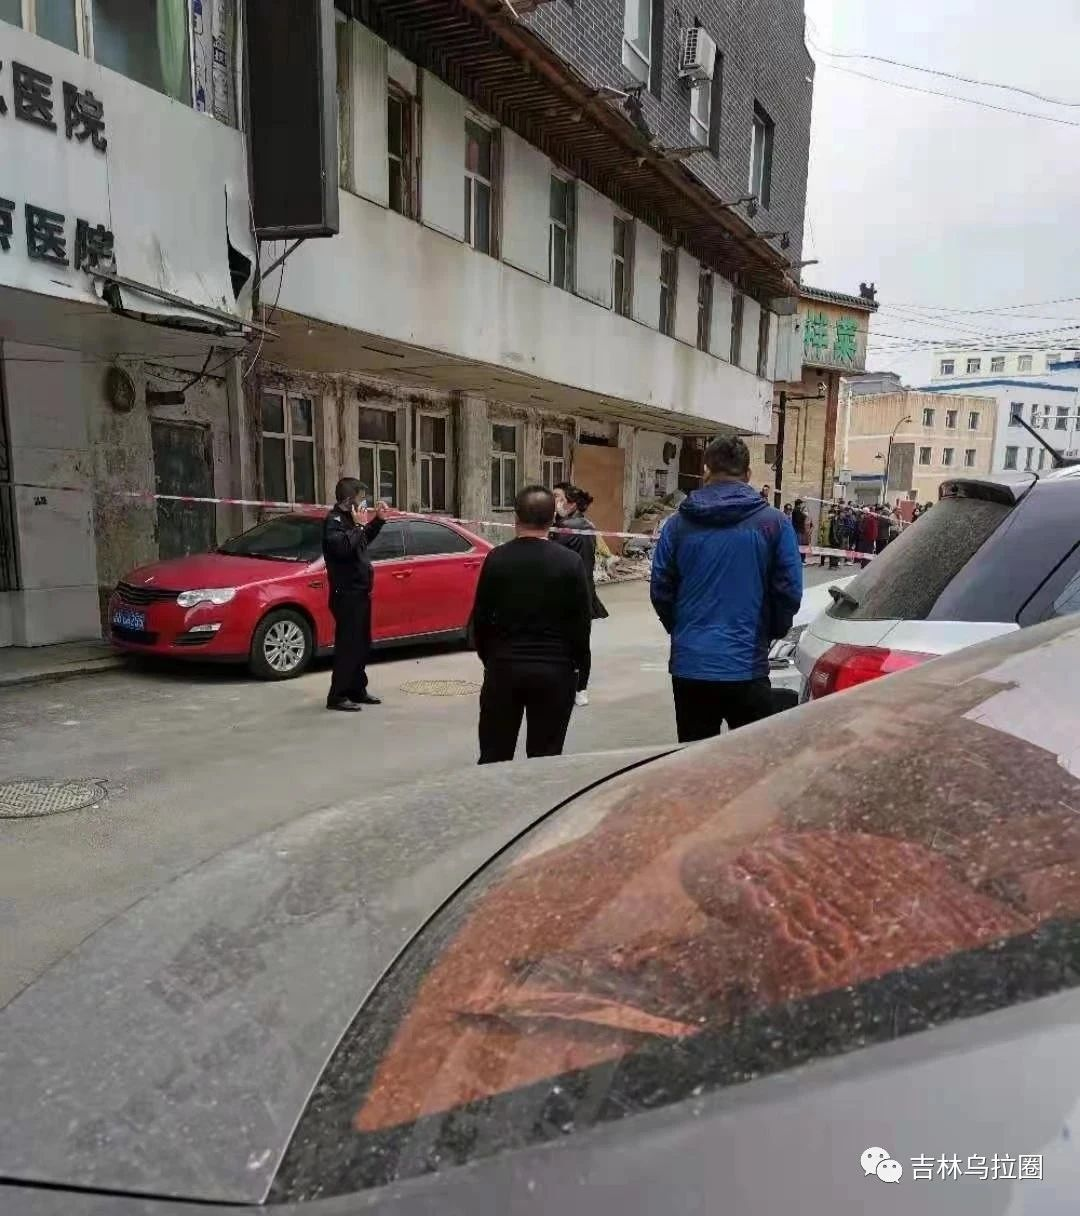 吉林市东市场附近命案,胡同里一男子已无生命体征!